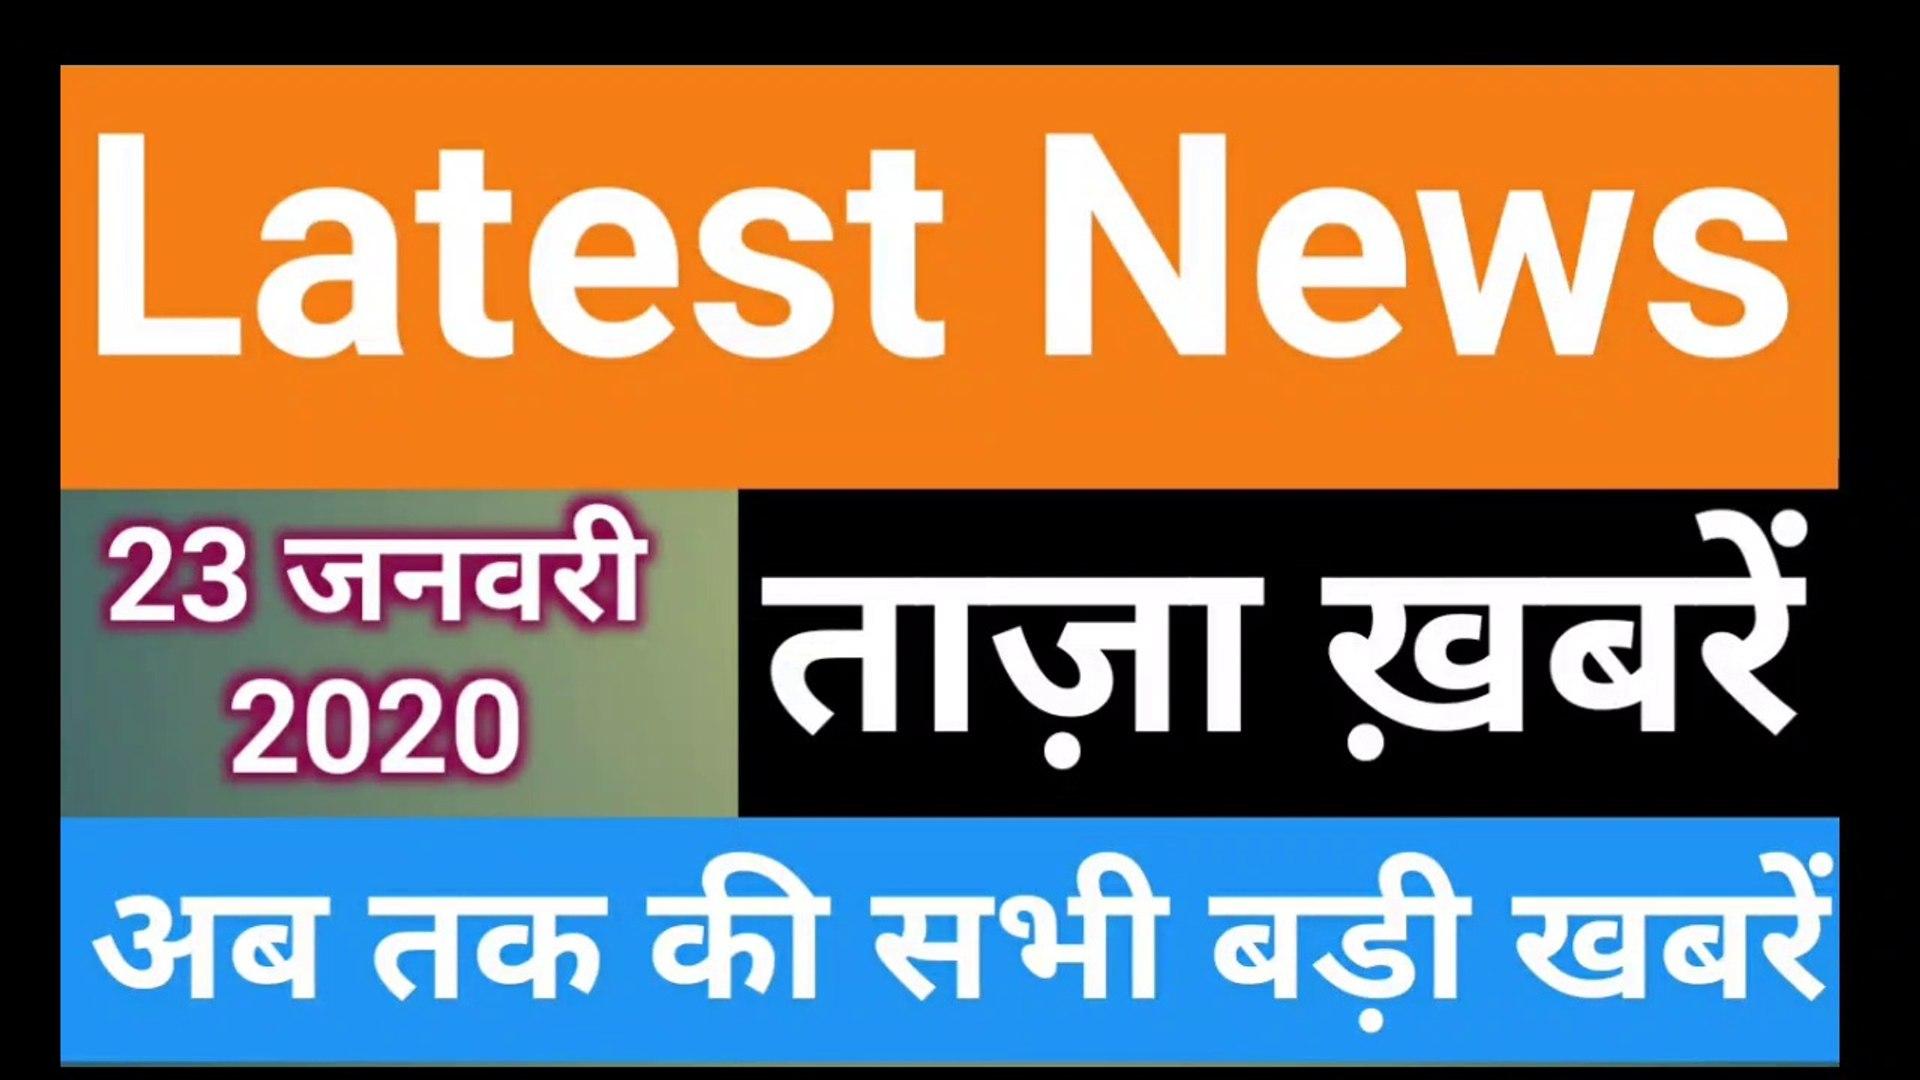 23 January 2020 : Morning News | Latest News |  Today News | Hindi News | India News